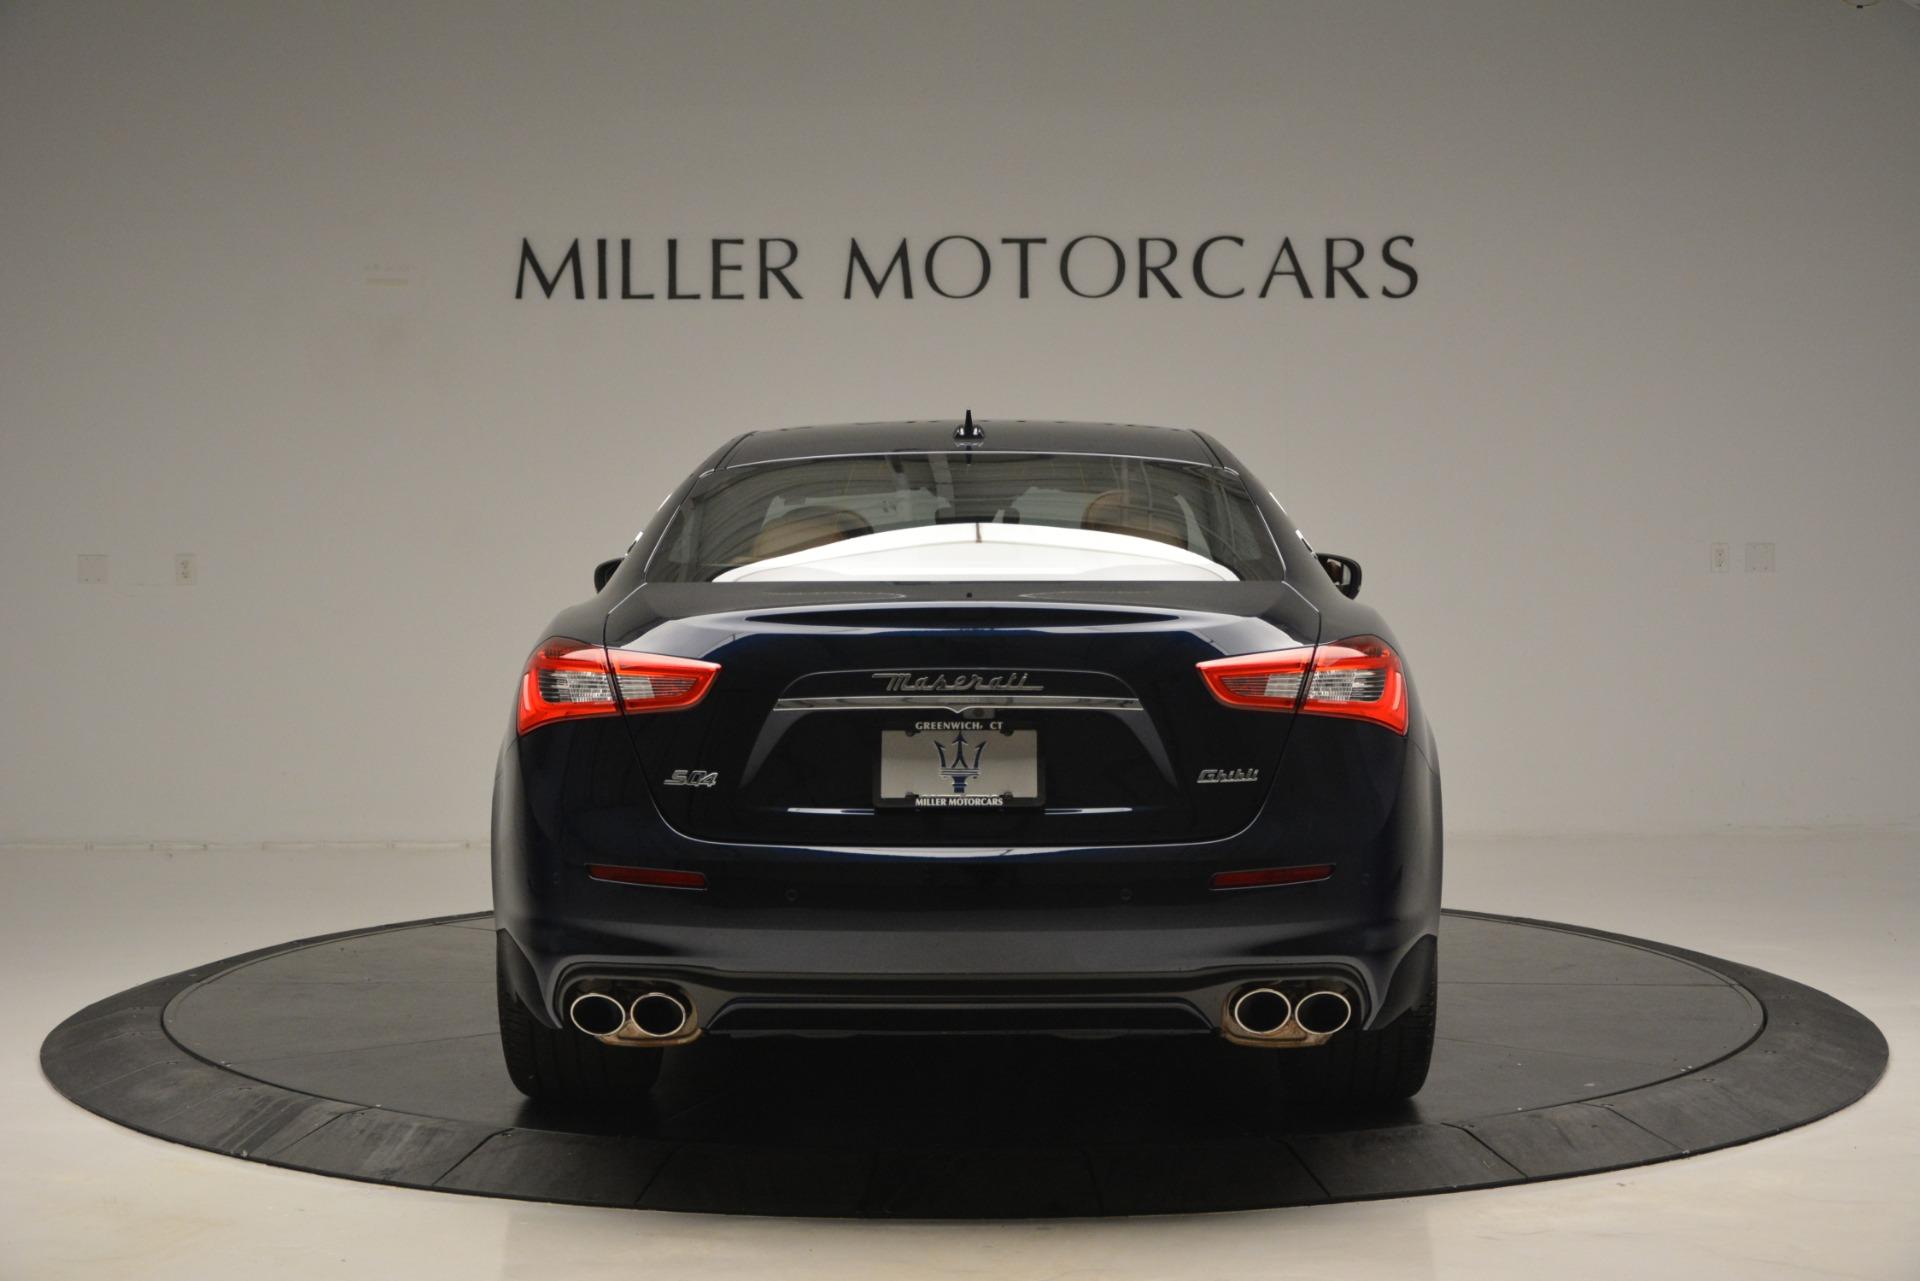 New 2019 Maserati Ghibli S Q4 GranLusso For Sale In Greenwich, CT. Alfa Romeo of Greenwich, M2251 2882_p9